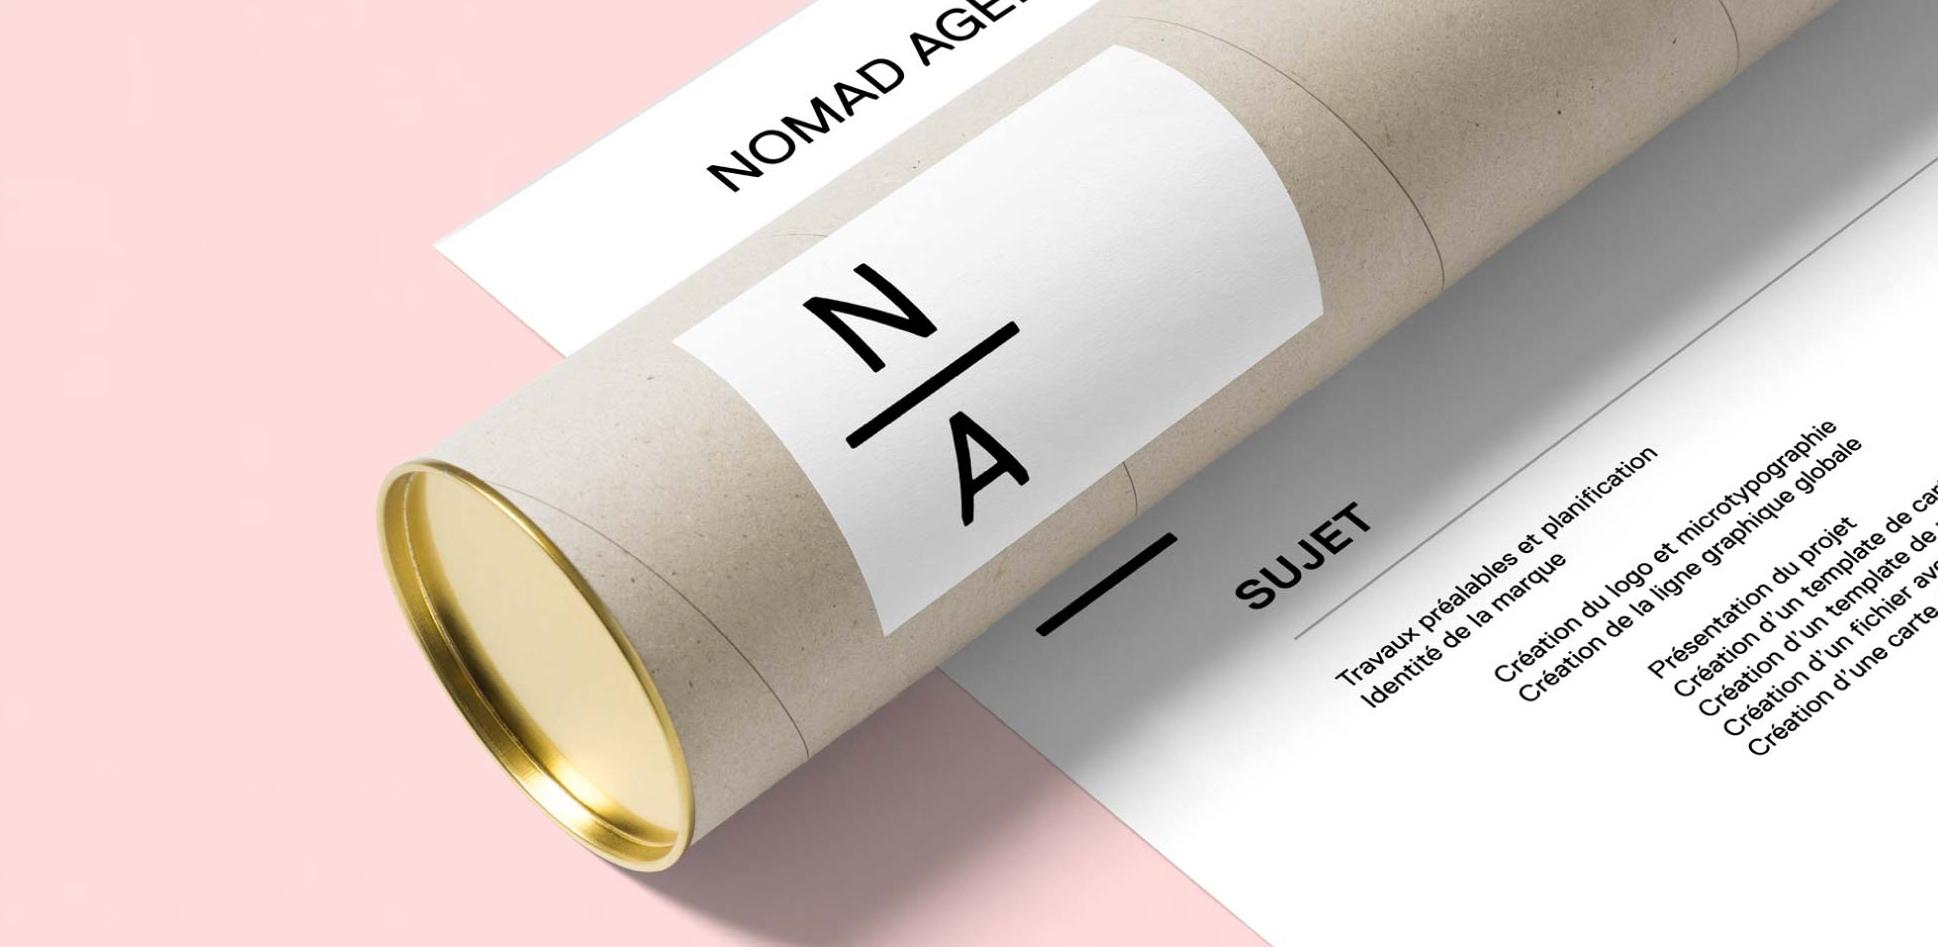 las-branding_papier à lettre_design_graphique.jpg